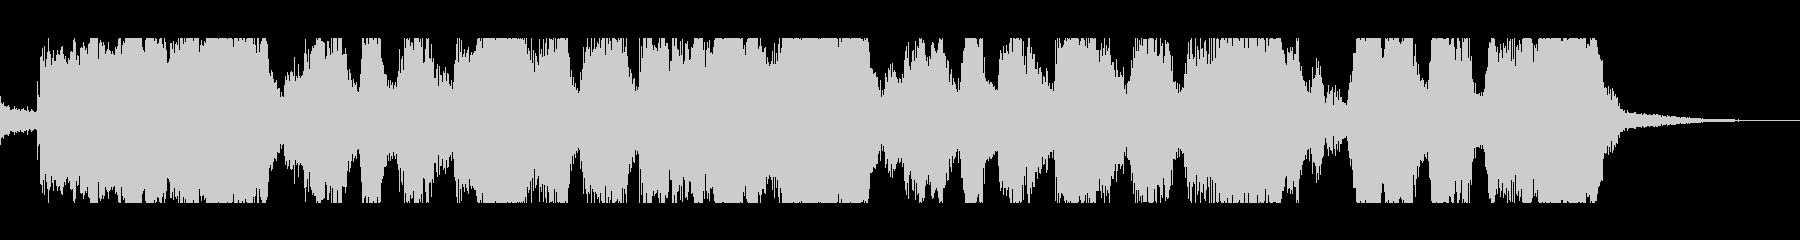 テンポのいいスカポップ ジングル CMの未再生の波形